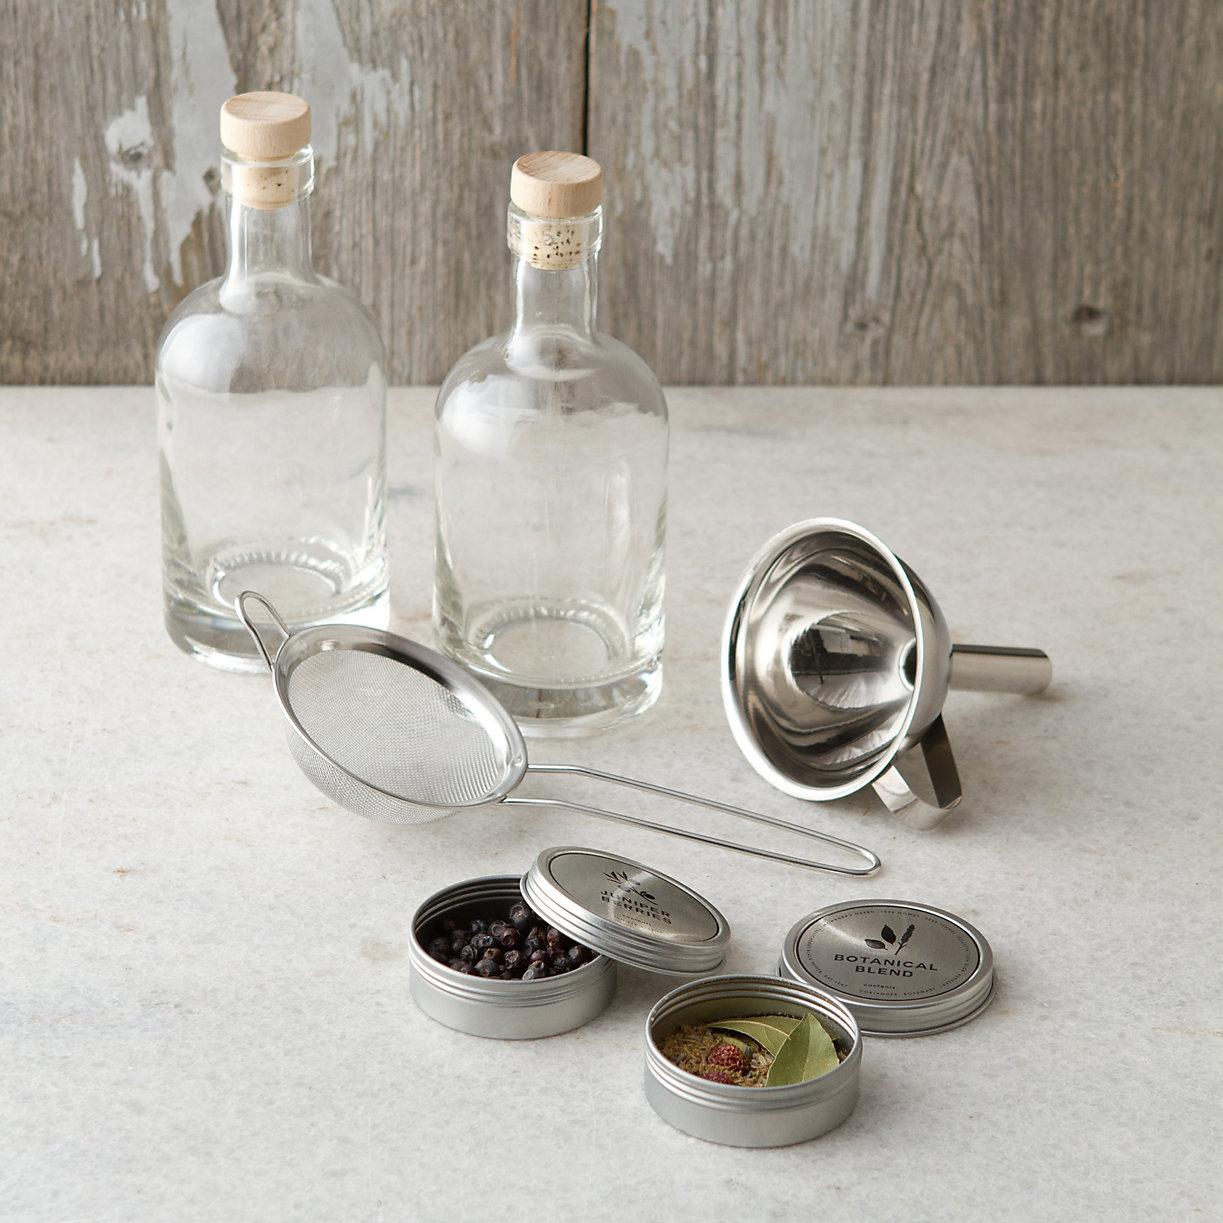 Homemade Gin Kit | Terrain